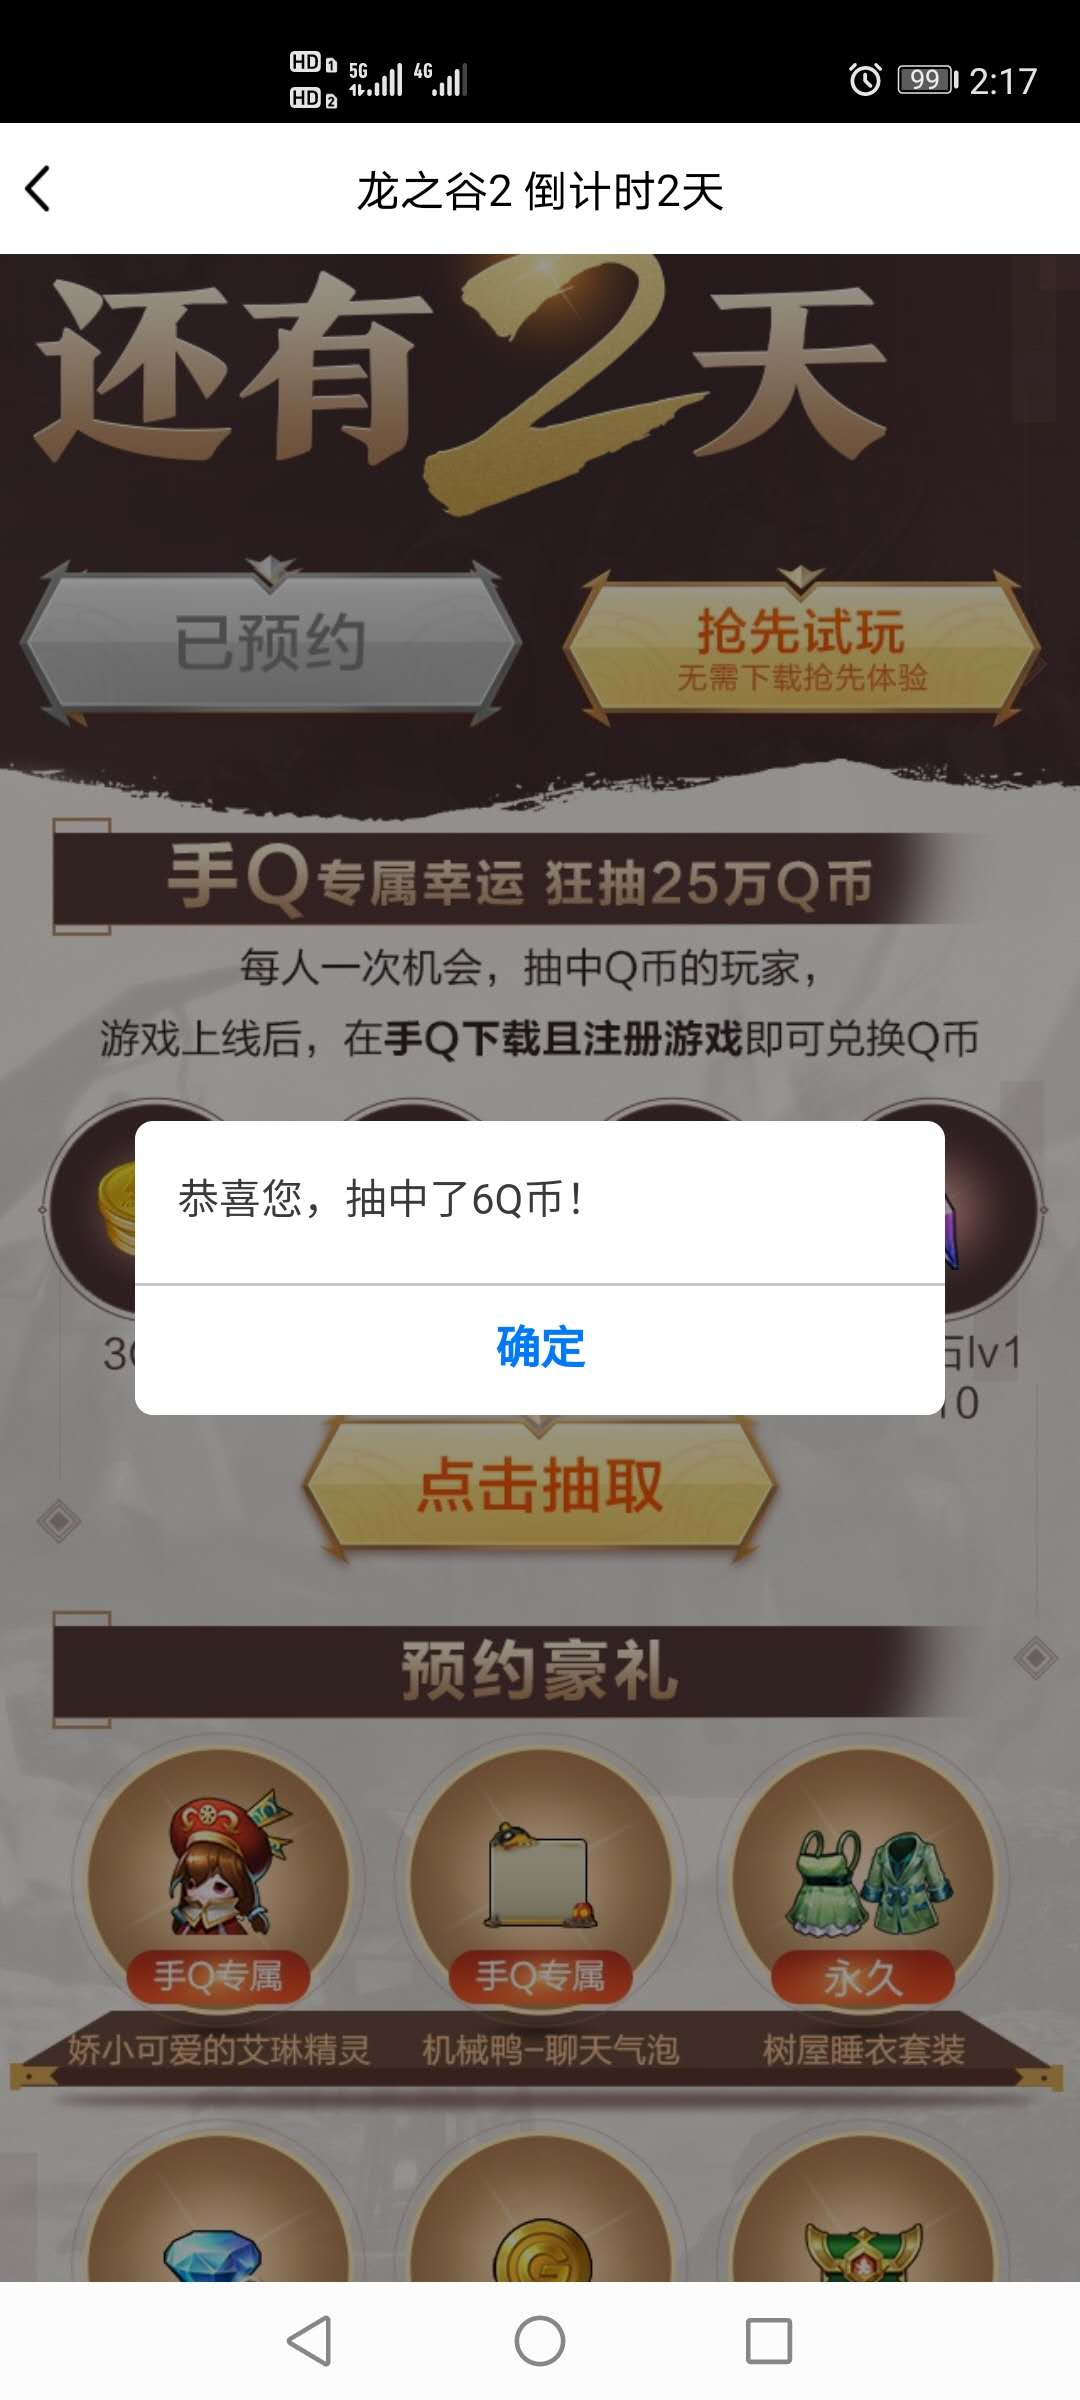 龙之谷2手游预约游戏抽Q币